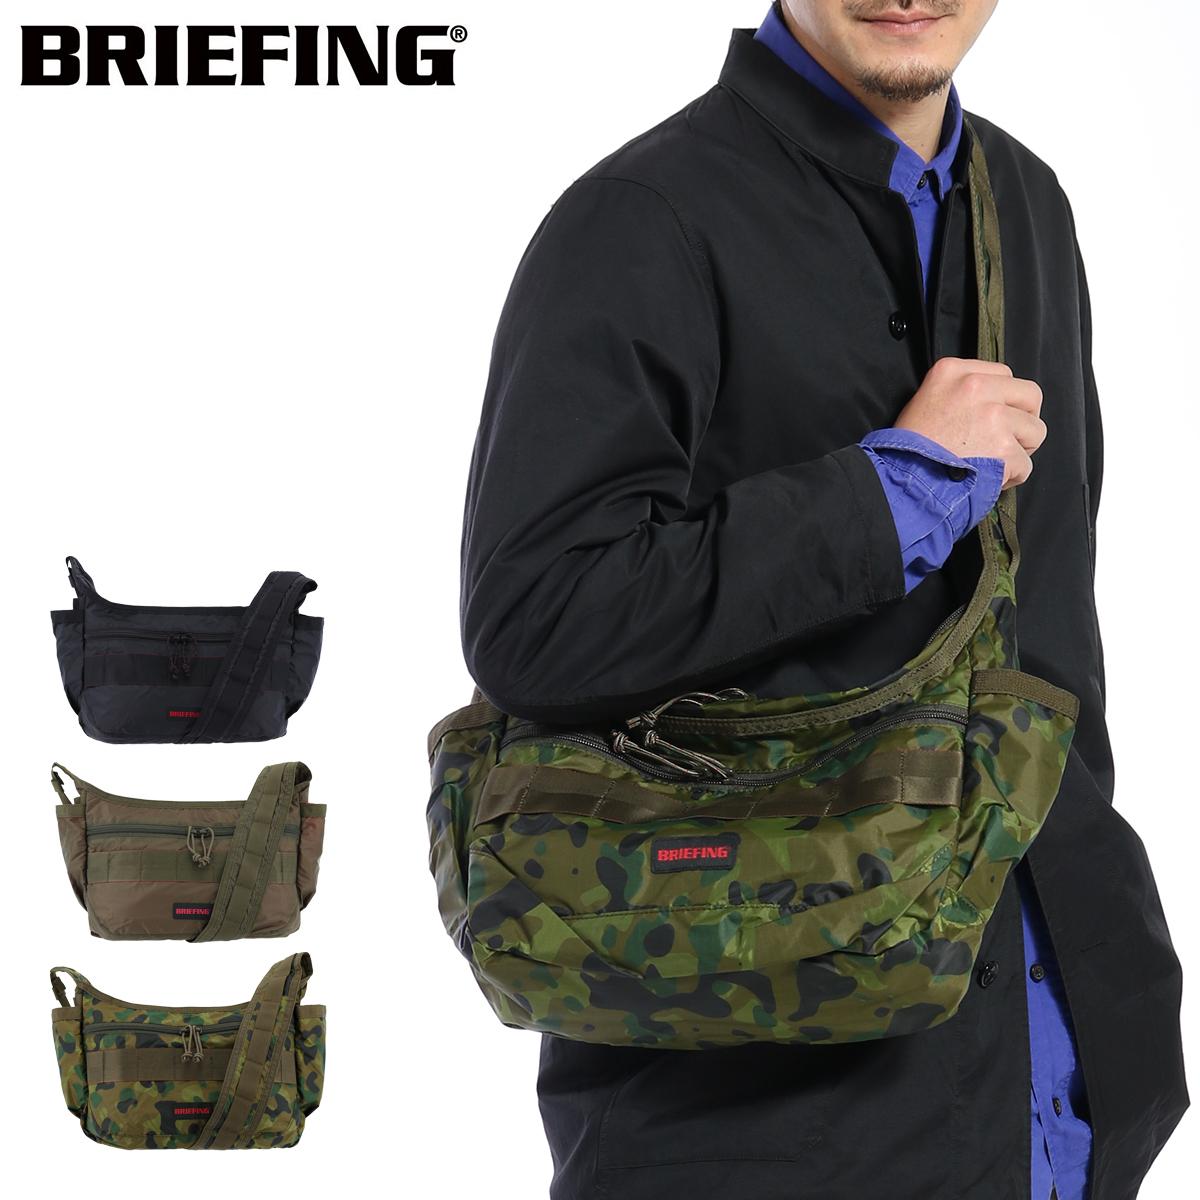 ブリーフィング ショルダーバッグ メンズ DAY TRIPPERS BRA201L27 BRIEFING   軽量 パッカブル[即日発送]